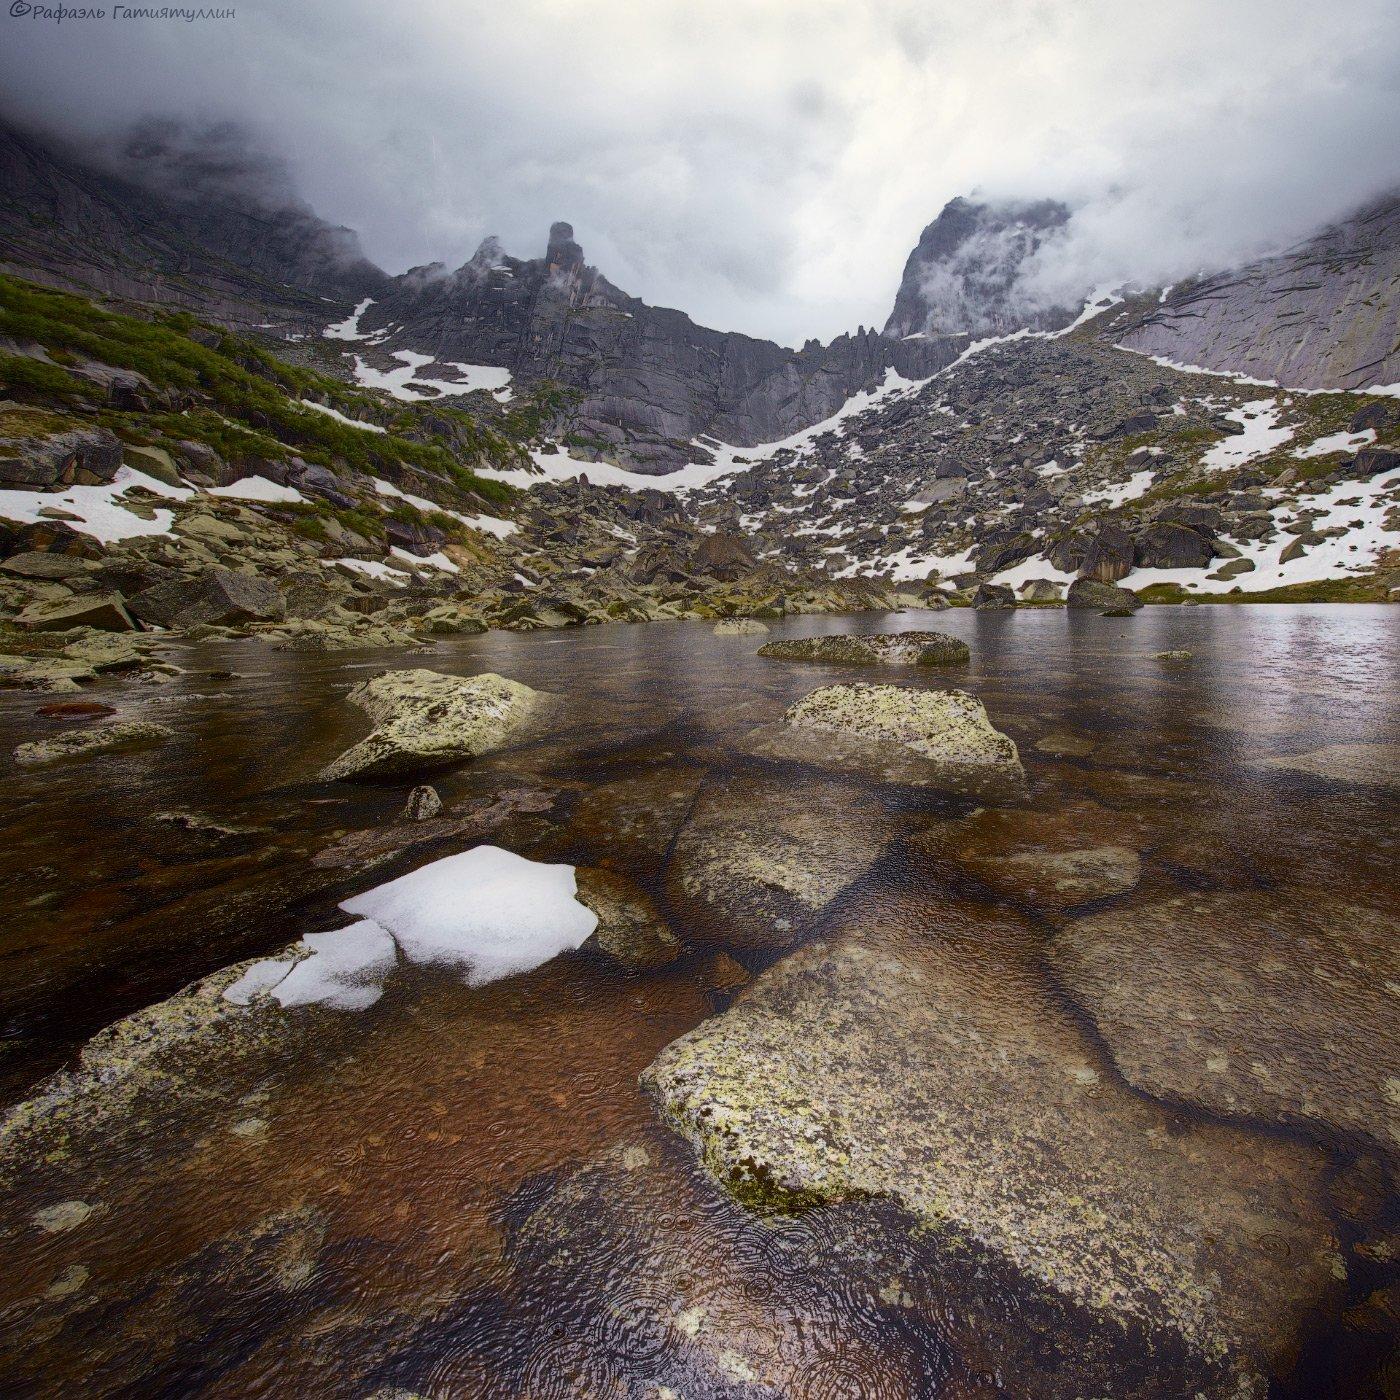 красноярский край, западные саяны, национальный парк  ергаки, озеро, вода, перевал, птица, узоры, Рафаэль Гатиятуллин